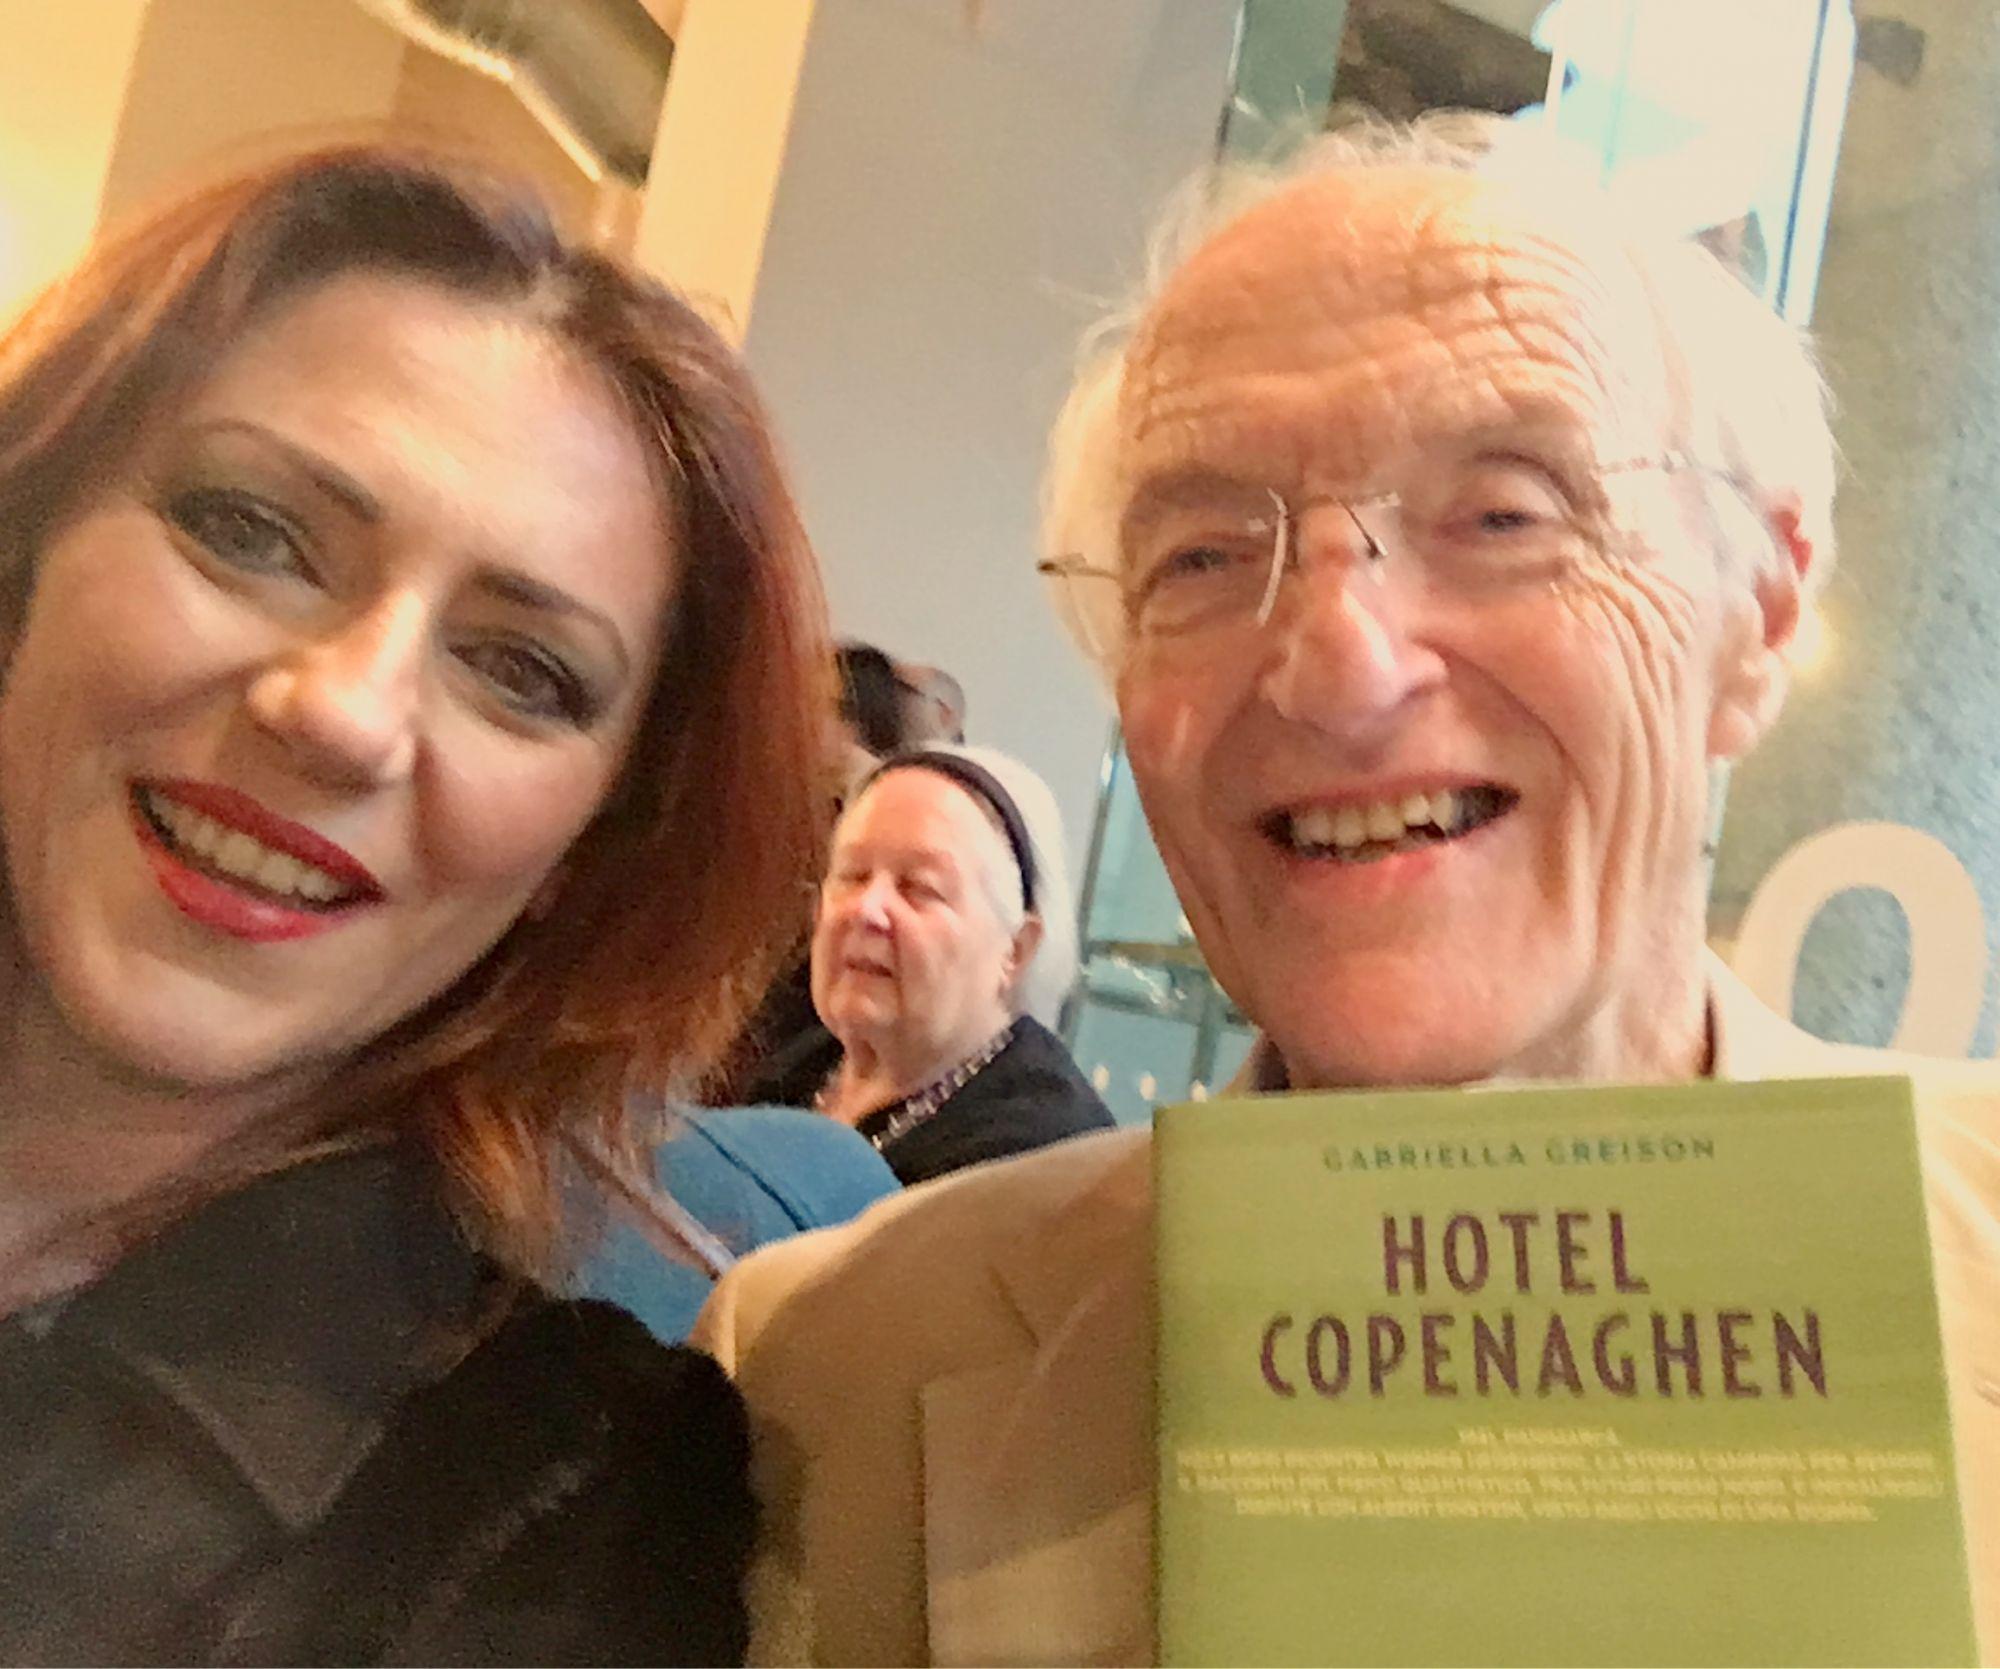 E' in libreria il mio nuovo romanzo HOTEL COPENAGHEN…un viaggio strepitoso a casa di Niels Bohr nella sua Copenaghen, e con i fisici quantistici che hanno fatto la storia! (commenti, interviste e rassegna stampa)